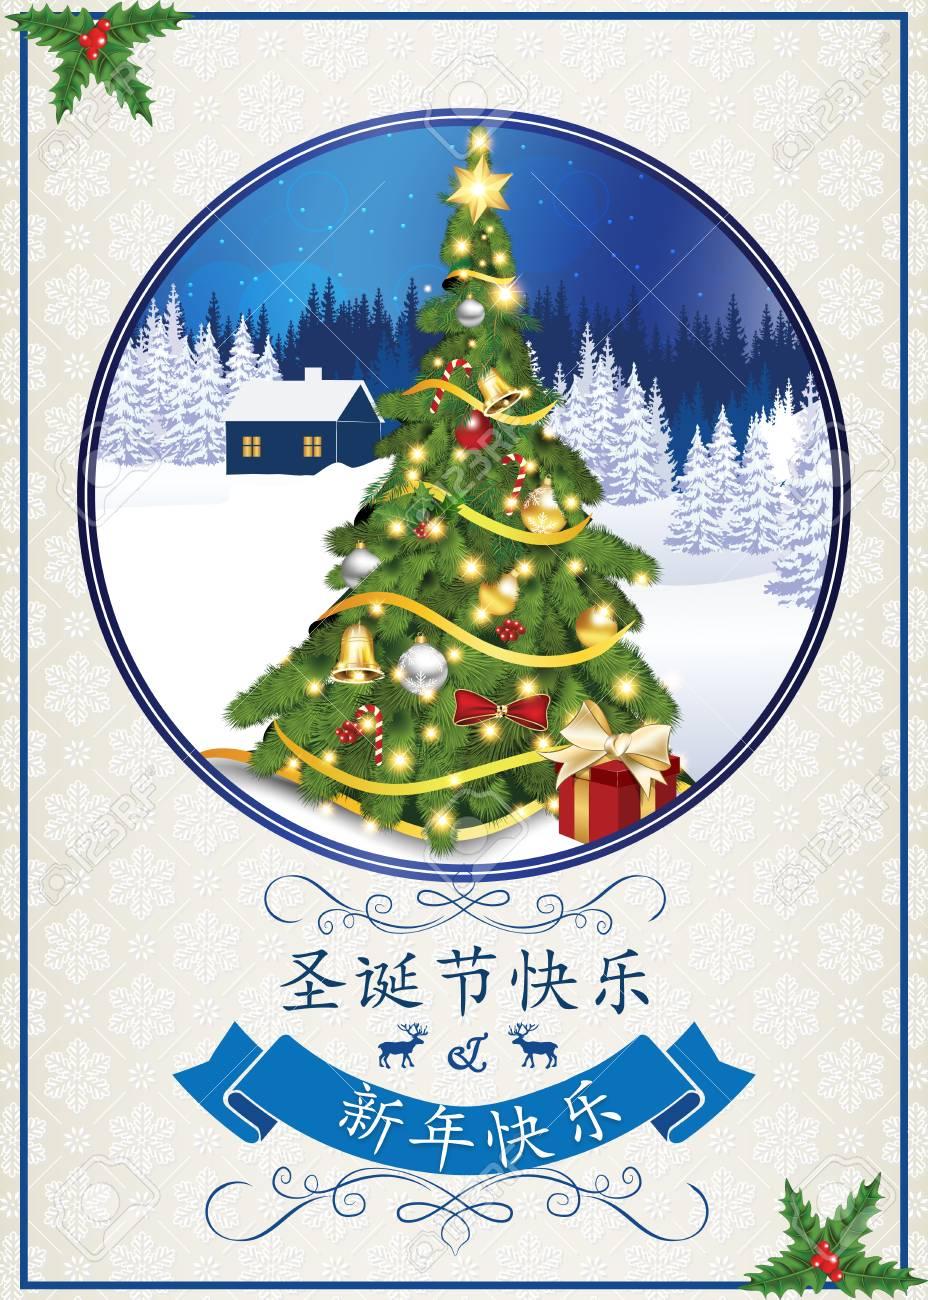 Felicitacion Navidad Personalizada Fotos.Tarjeta De Felicitacion China Elegante Para La Temporada De Invierno Texto En Chino Feliz Navidad Y Feliz Ano Nuevo Colores De Impresion